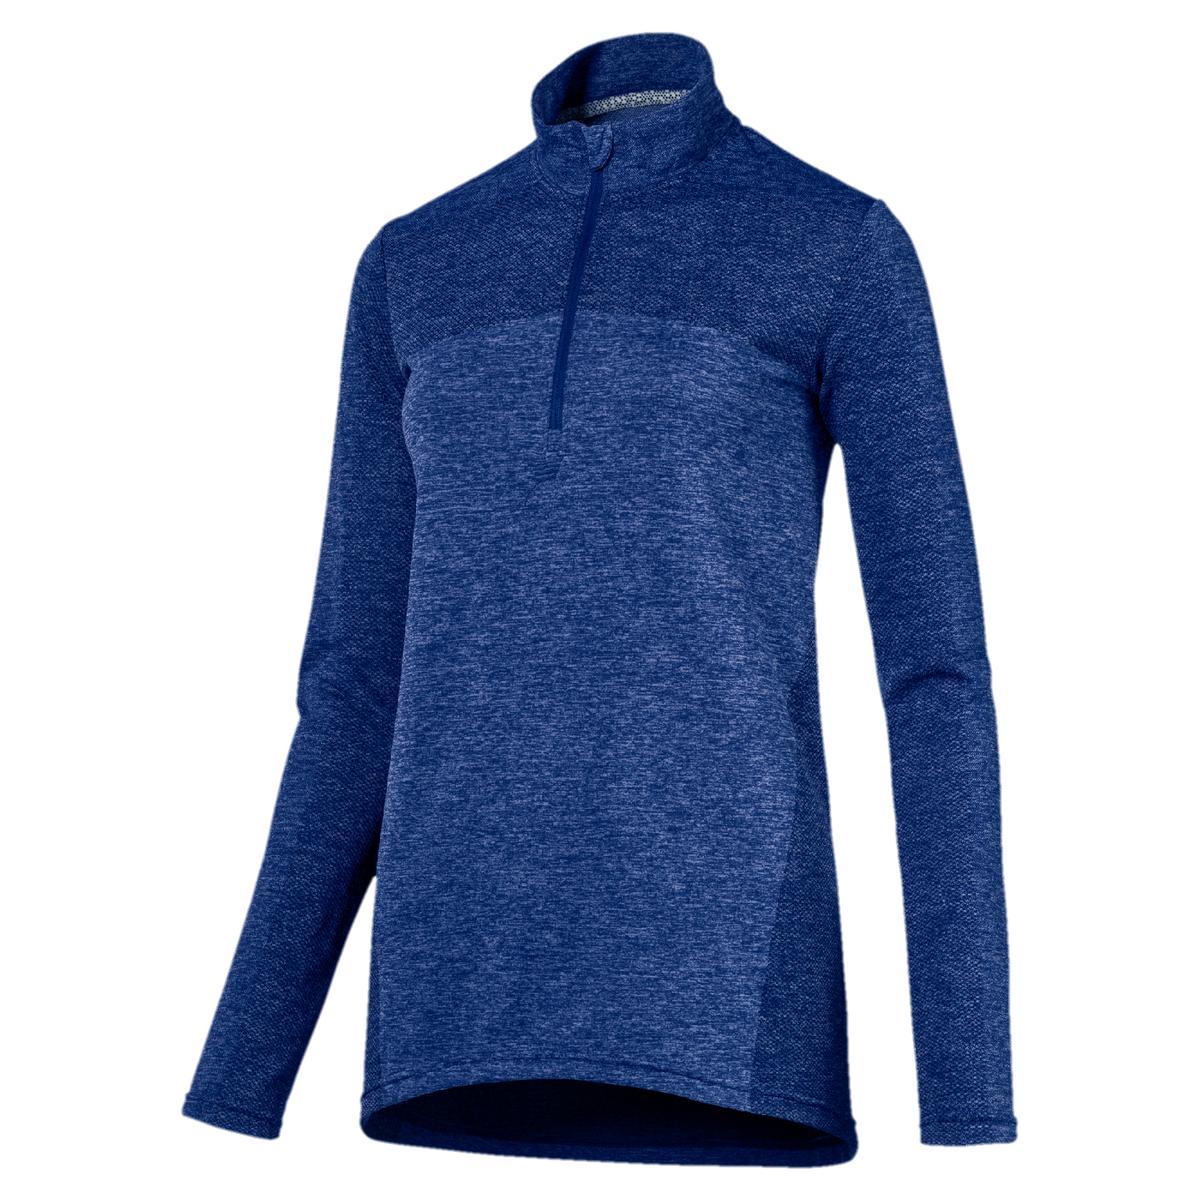 Women s Evoknit Seamless 1 4 Zip Long Sleeve Top   Golf Town Limited 3167dd6464